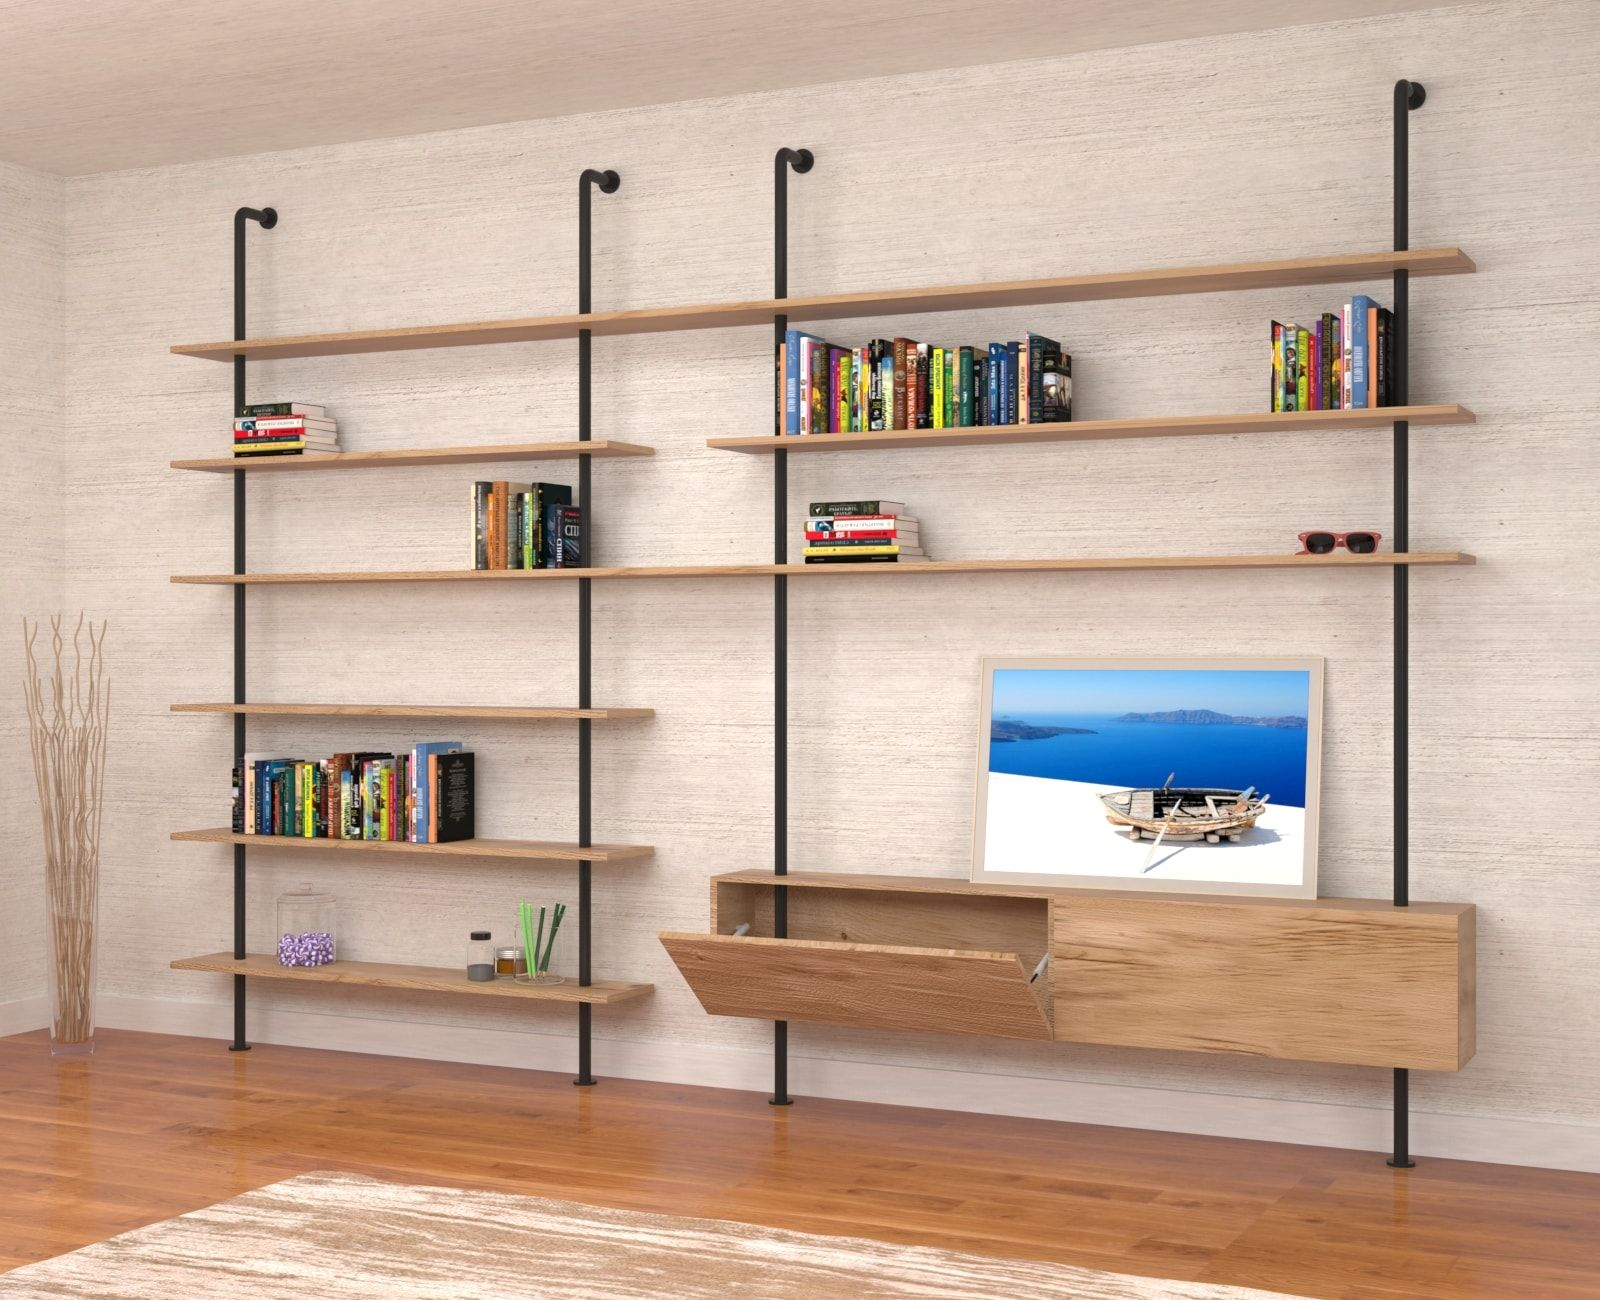 libreria-da-parete-svevo-naturale-2   Stile industriale ...